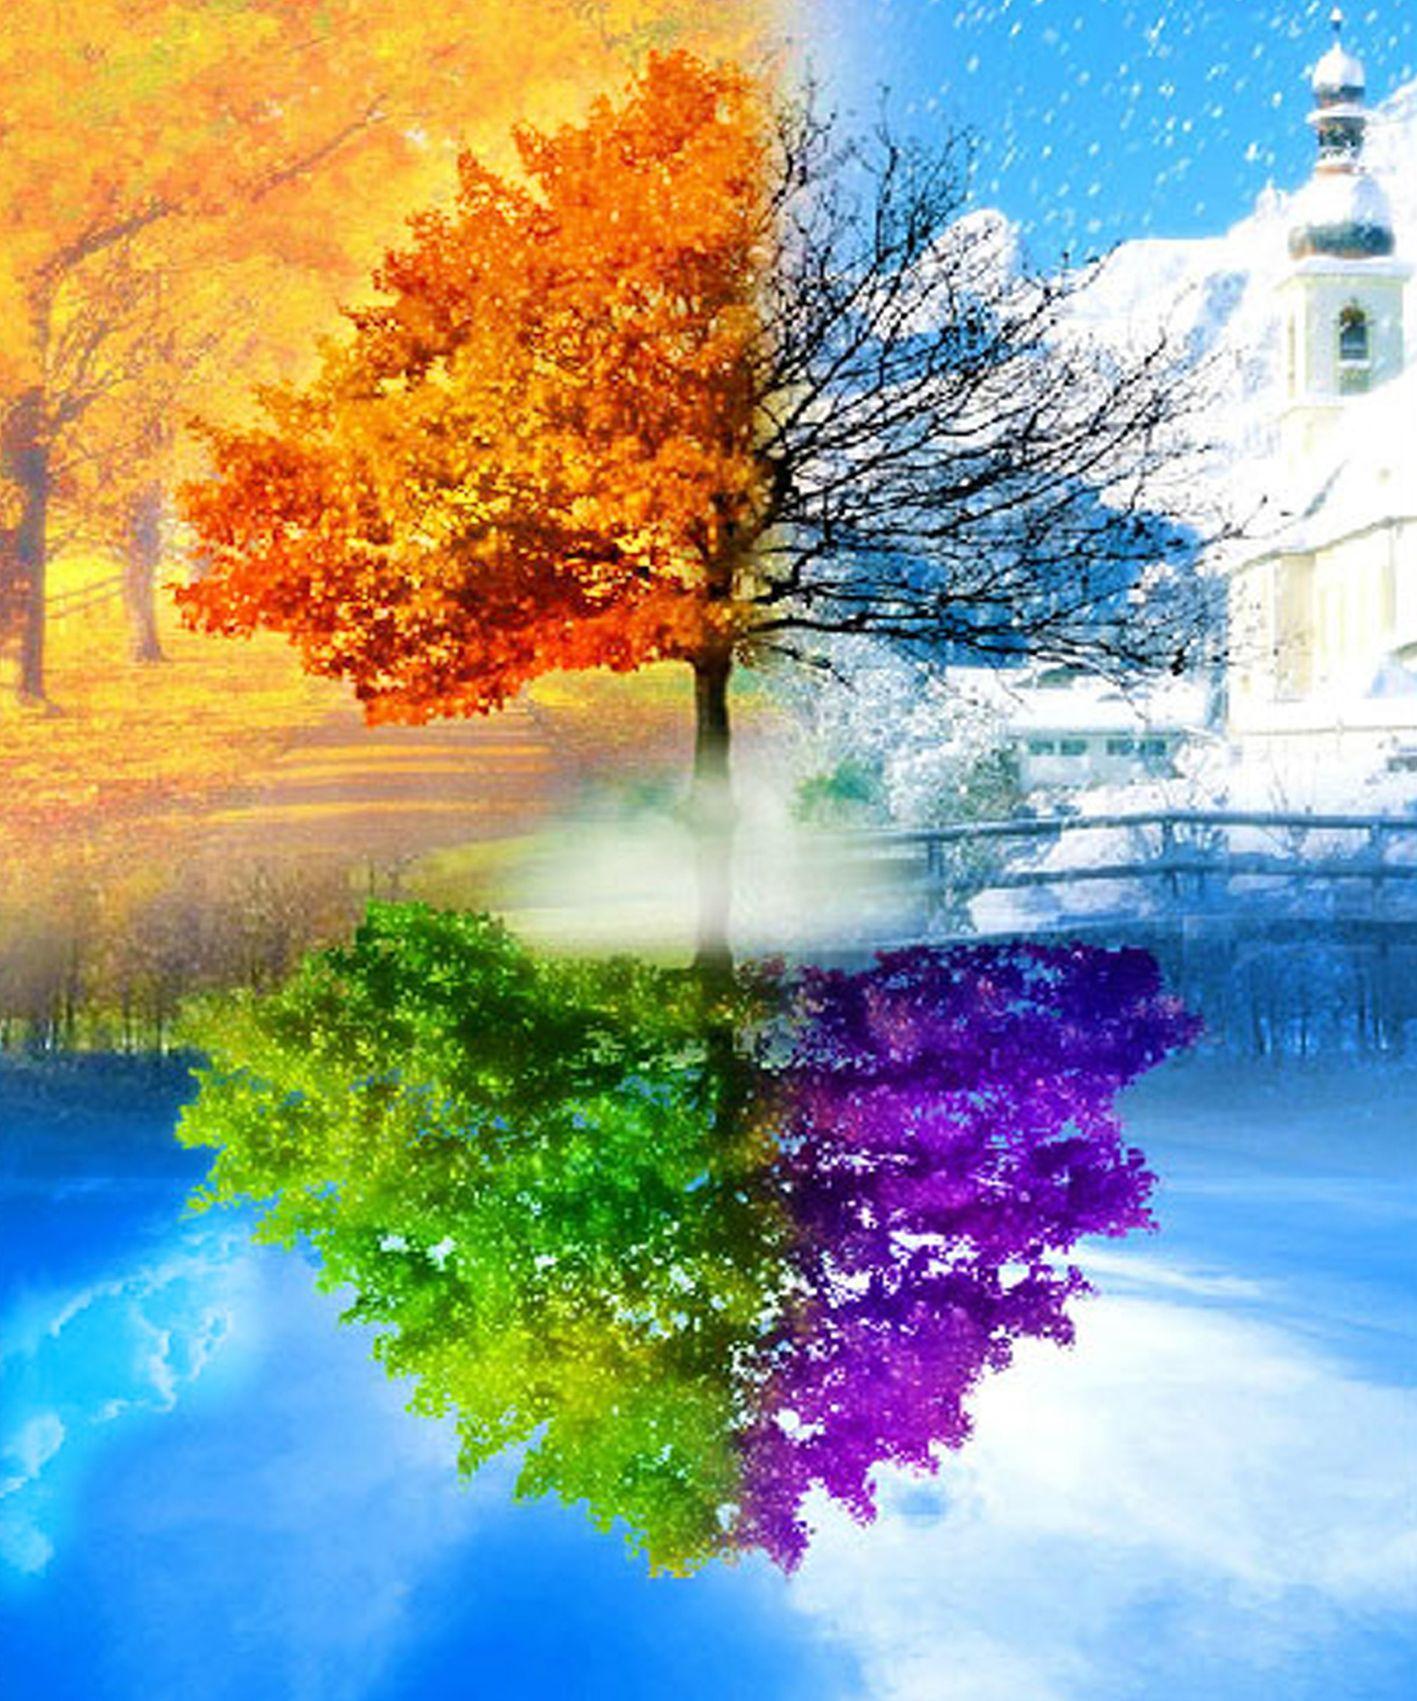 The Four Seasons Trees Diy Diamond Painting Cross Stitch